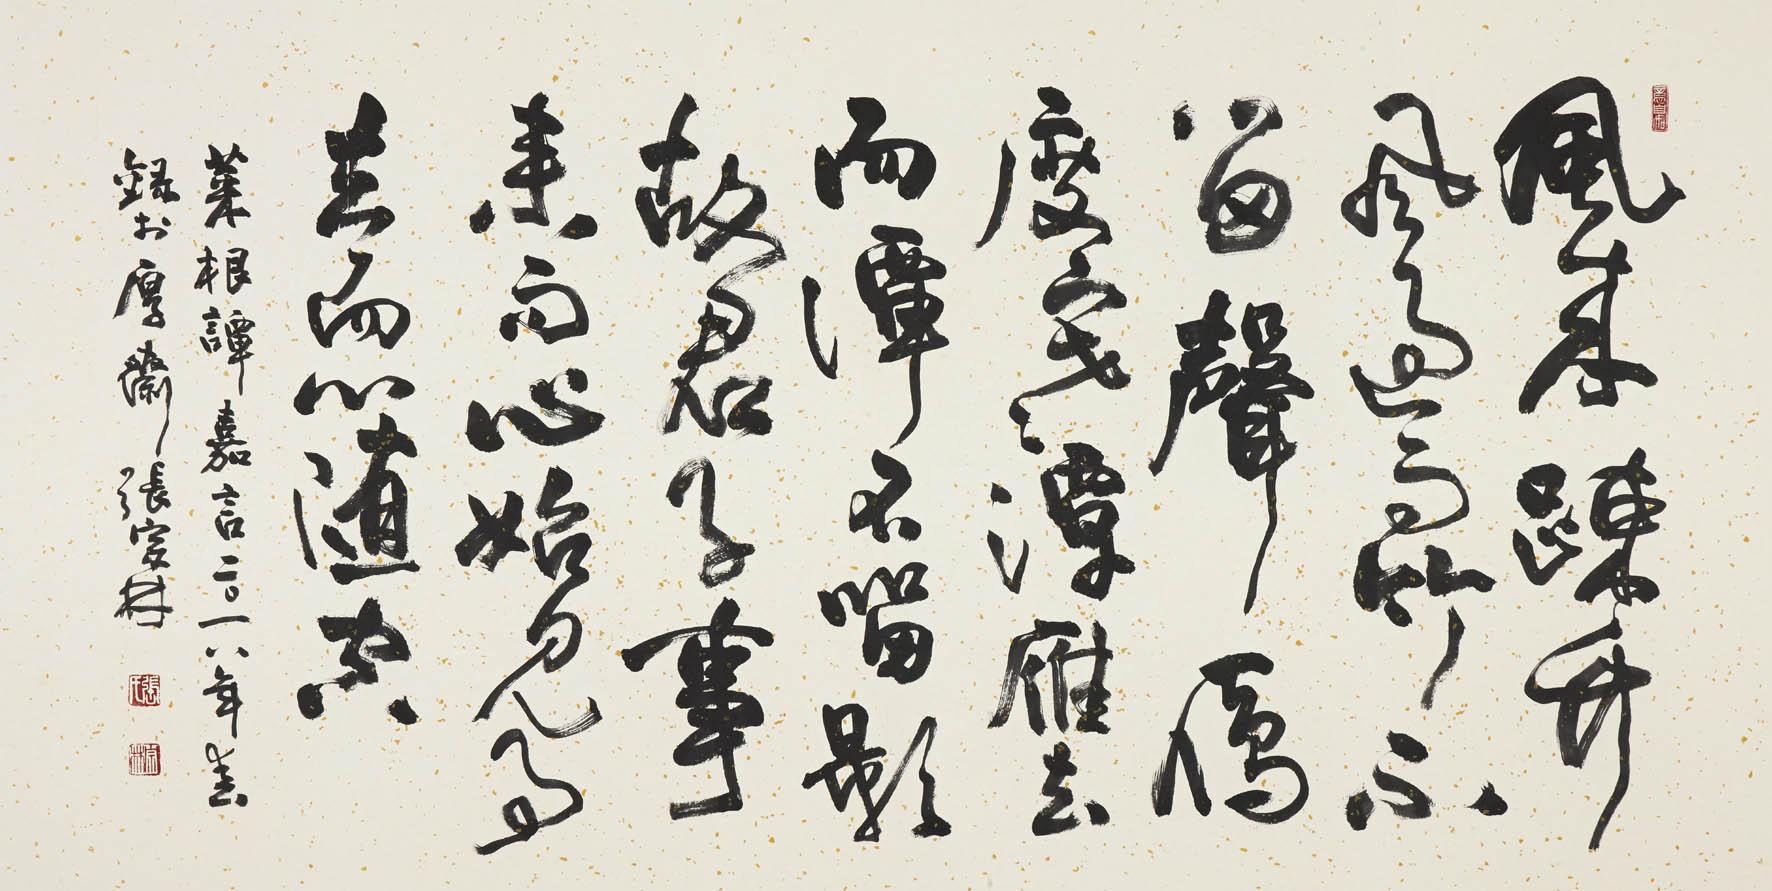 半百情緣-張宗林書法創作首次個展作品之一